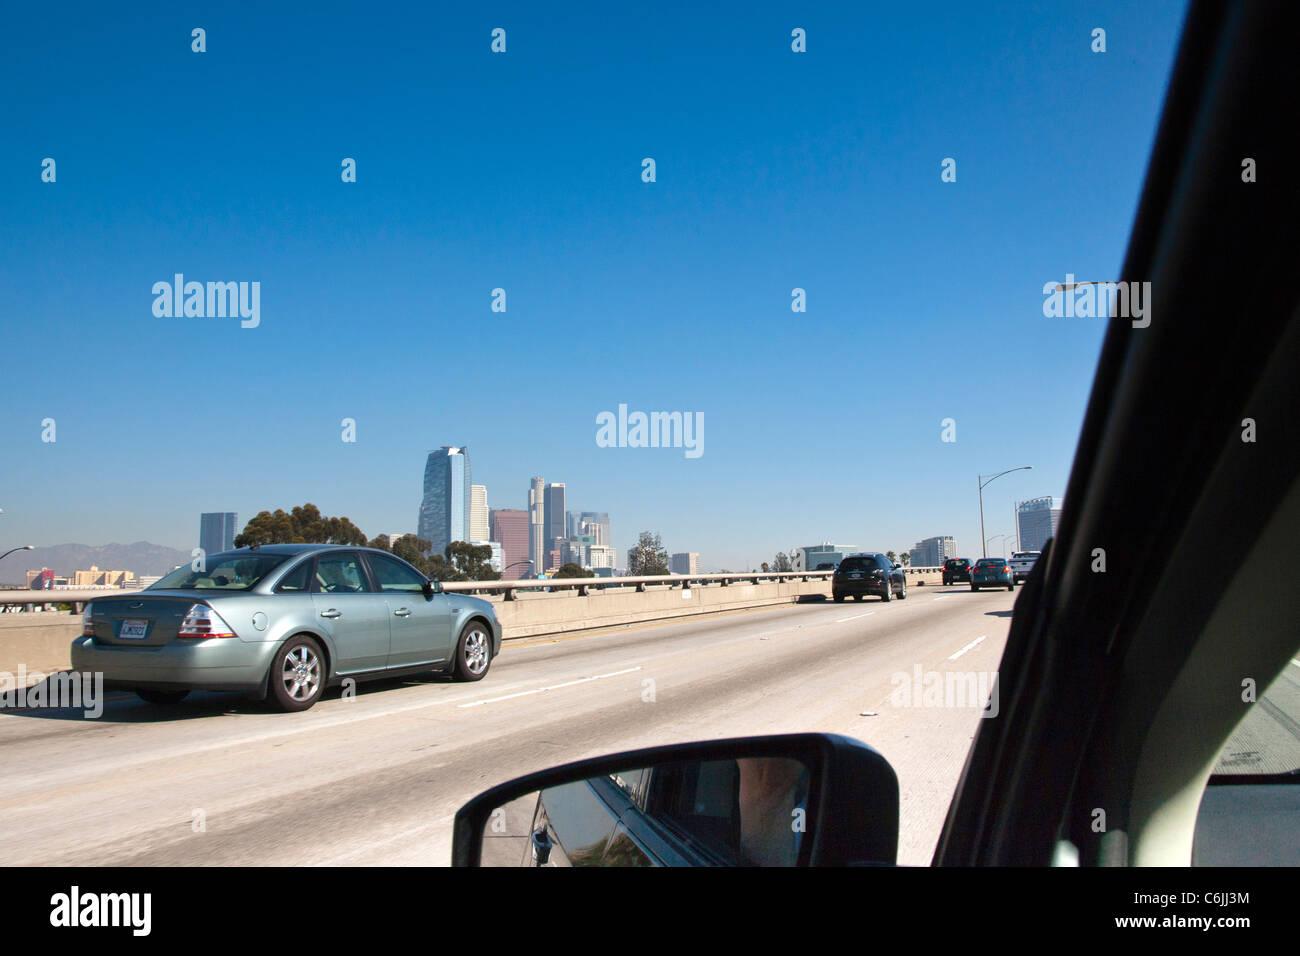 Guida lungo una superstrada con il centro cittadino di Los Angeles in lontananza la, STATI UNITI D'AMERICA Immagini Stock